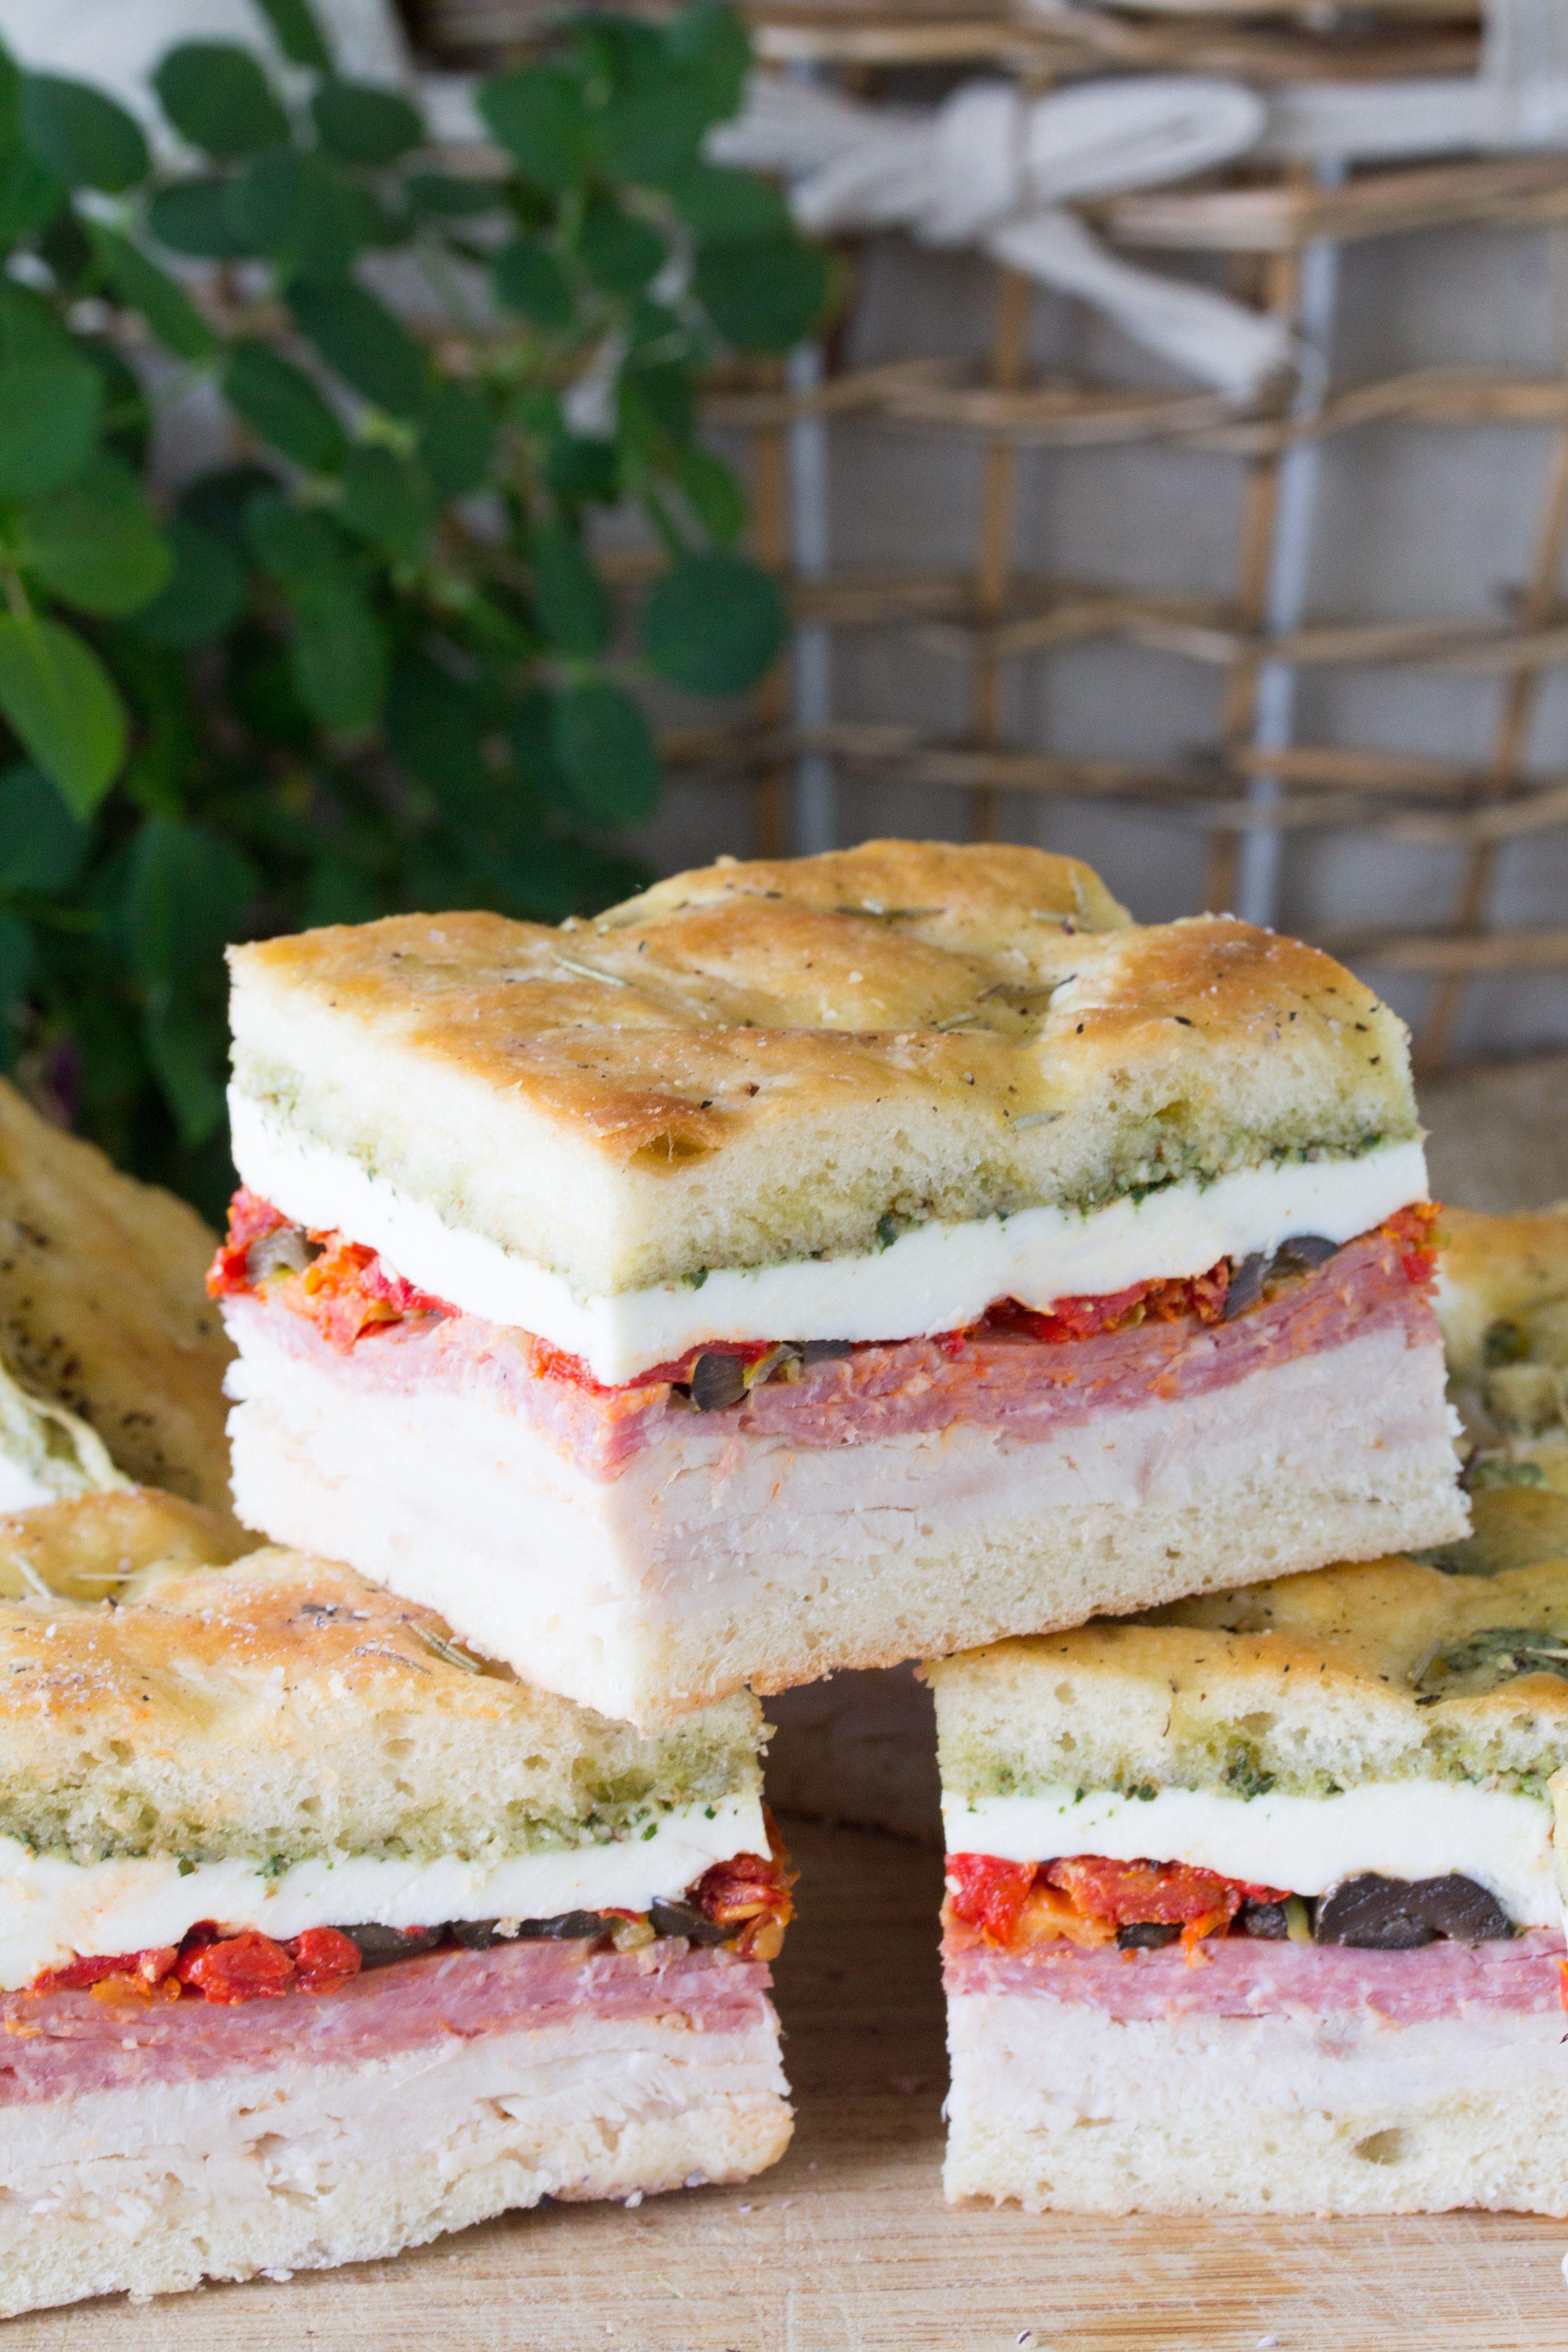 Pressed-Italian-Picnic-Sandwiches-1-2848x4272